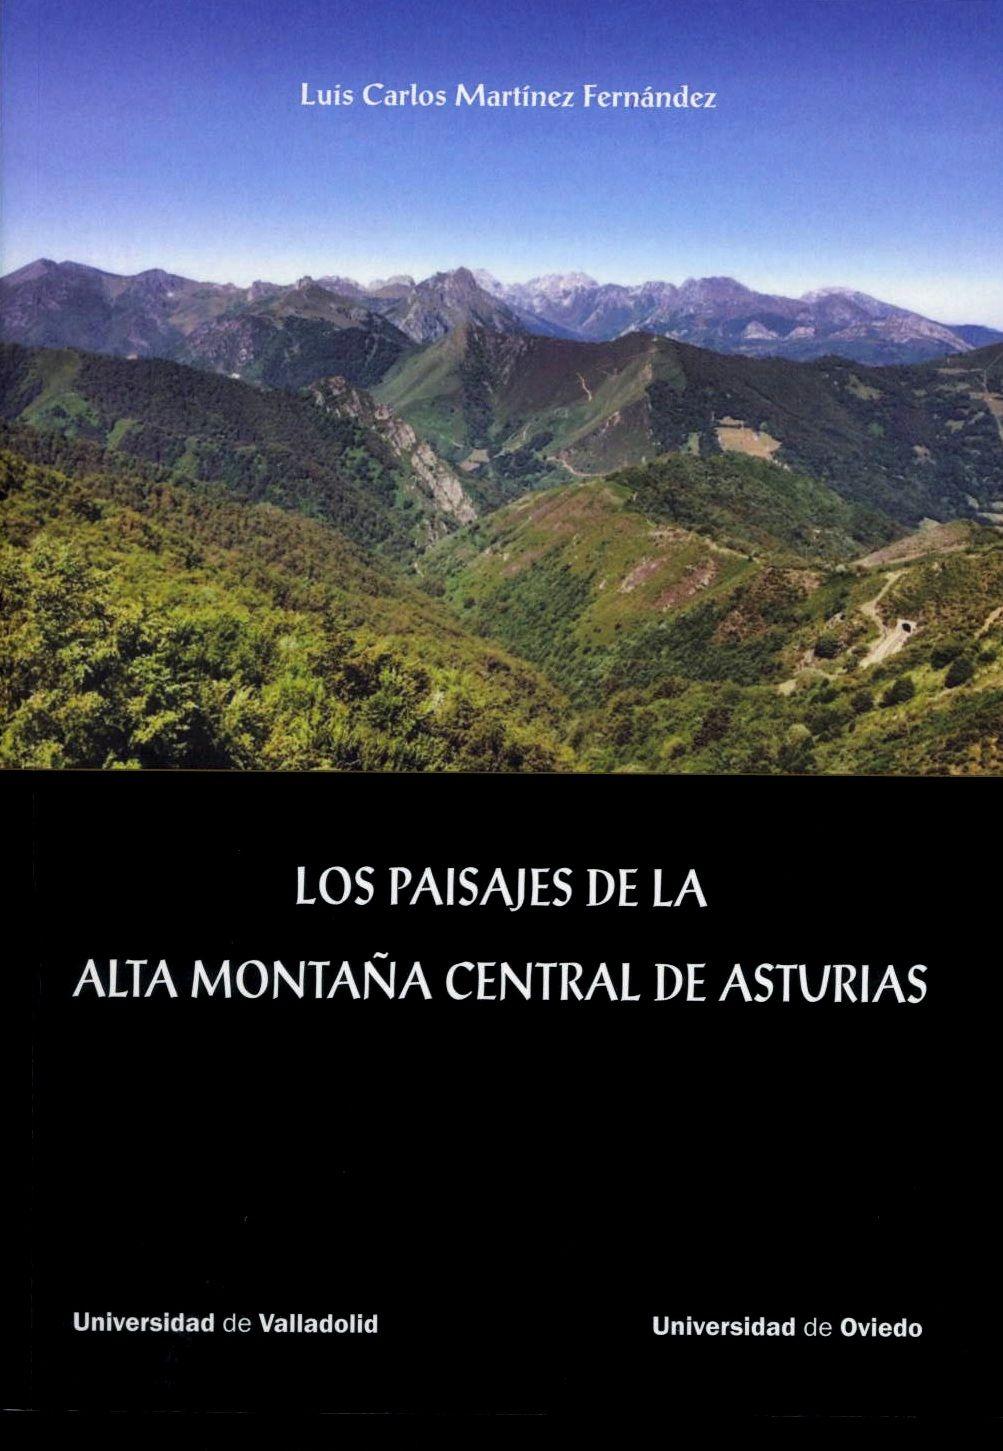 Los paisajes de la alta montaña central de Asturias, 2016  http://absysnetweb.bbtk.ull.es/cgi-bin/abnetopac01?TITN=558347